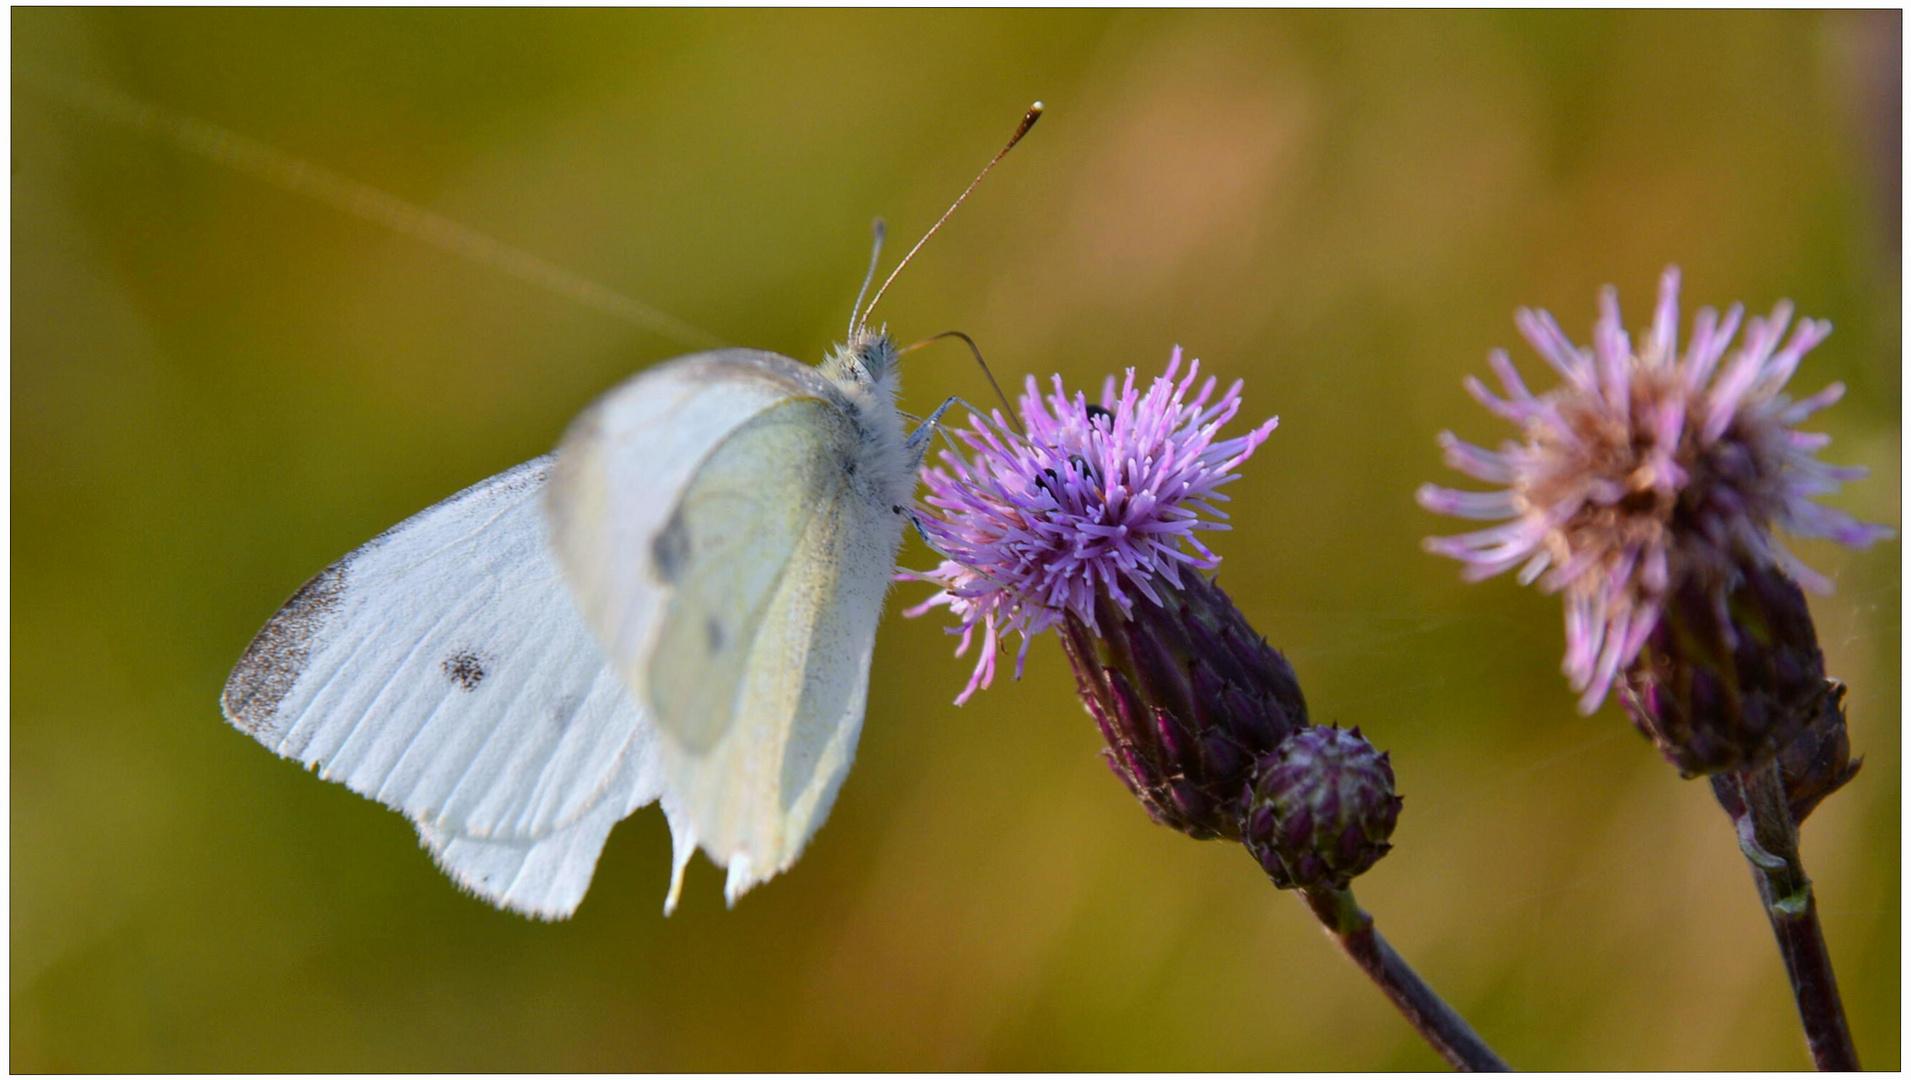 mariposa (Schmetterling)